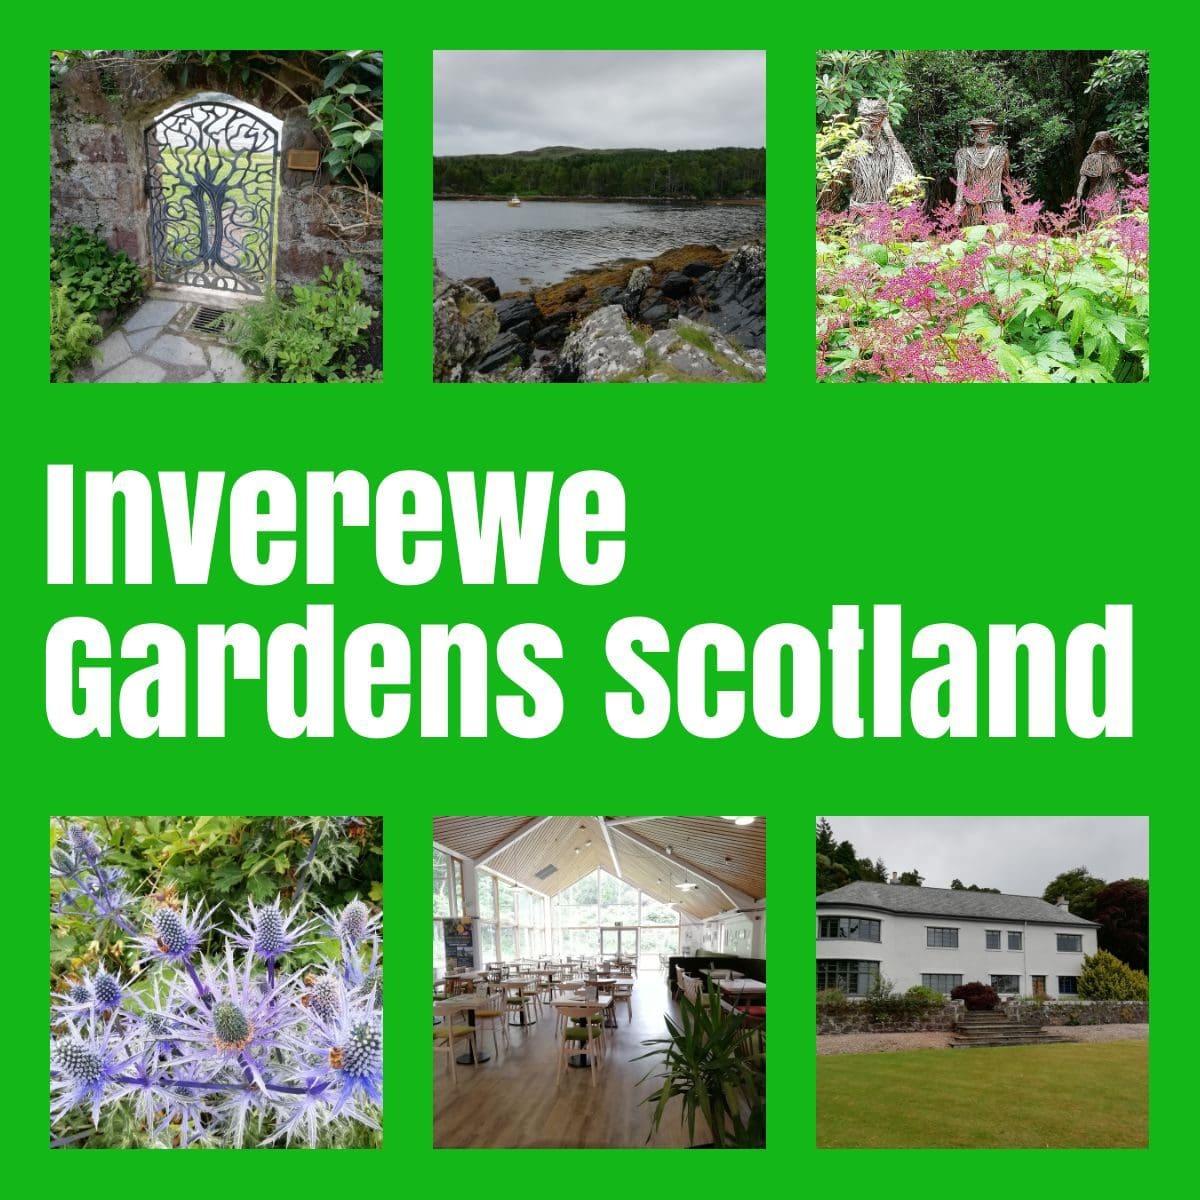 inverewe gardens scotland featured image